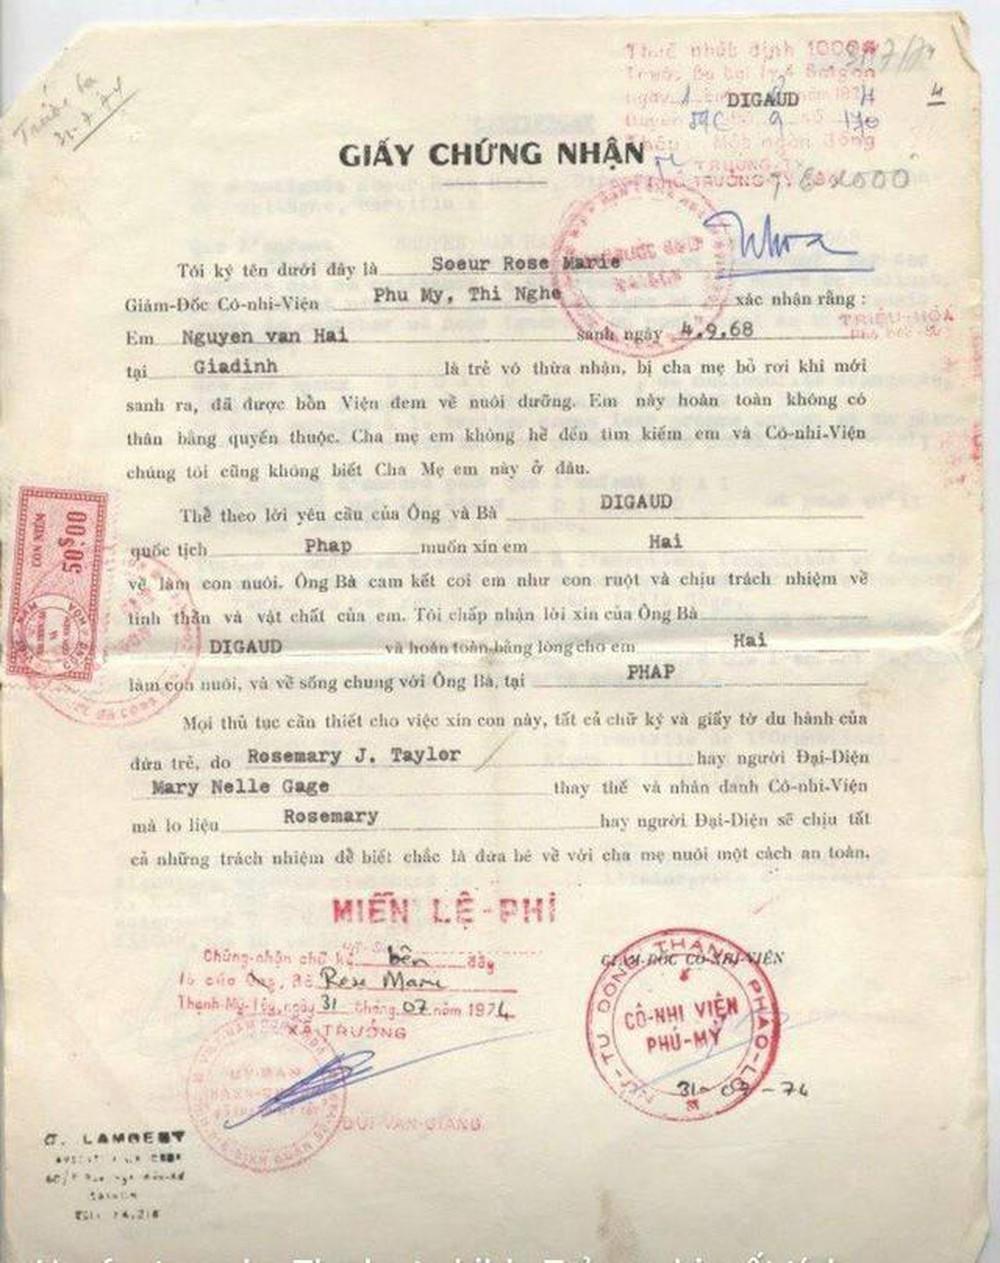 Giầy chứng nhận Nguyễn Văn Hải được ông bà Digaud nhận nuôi.